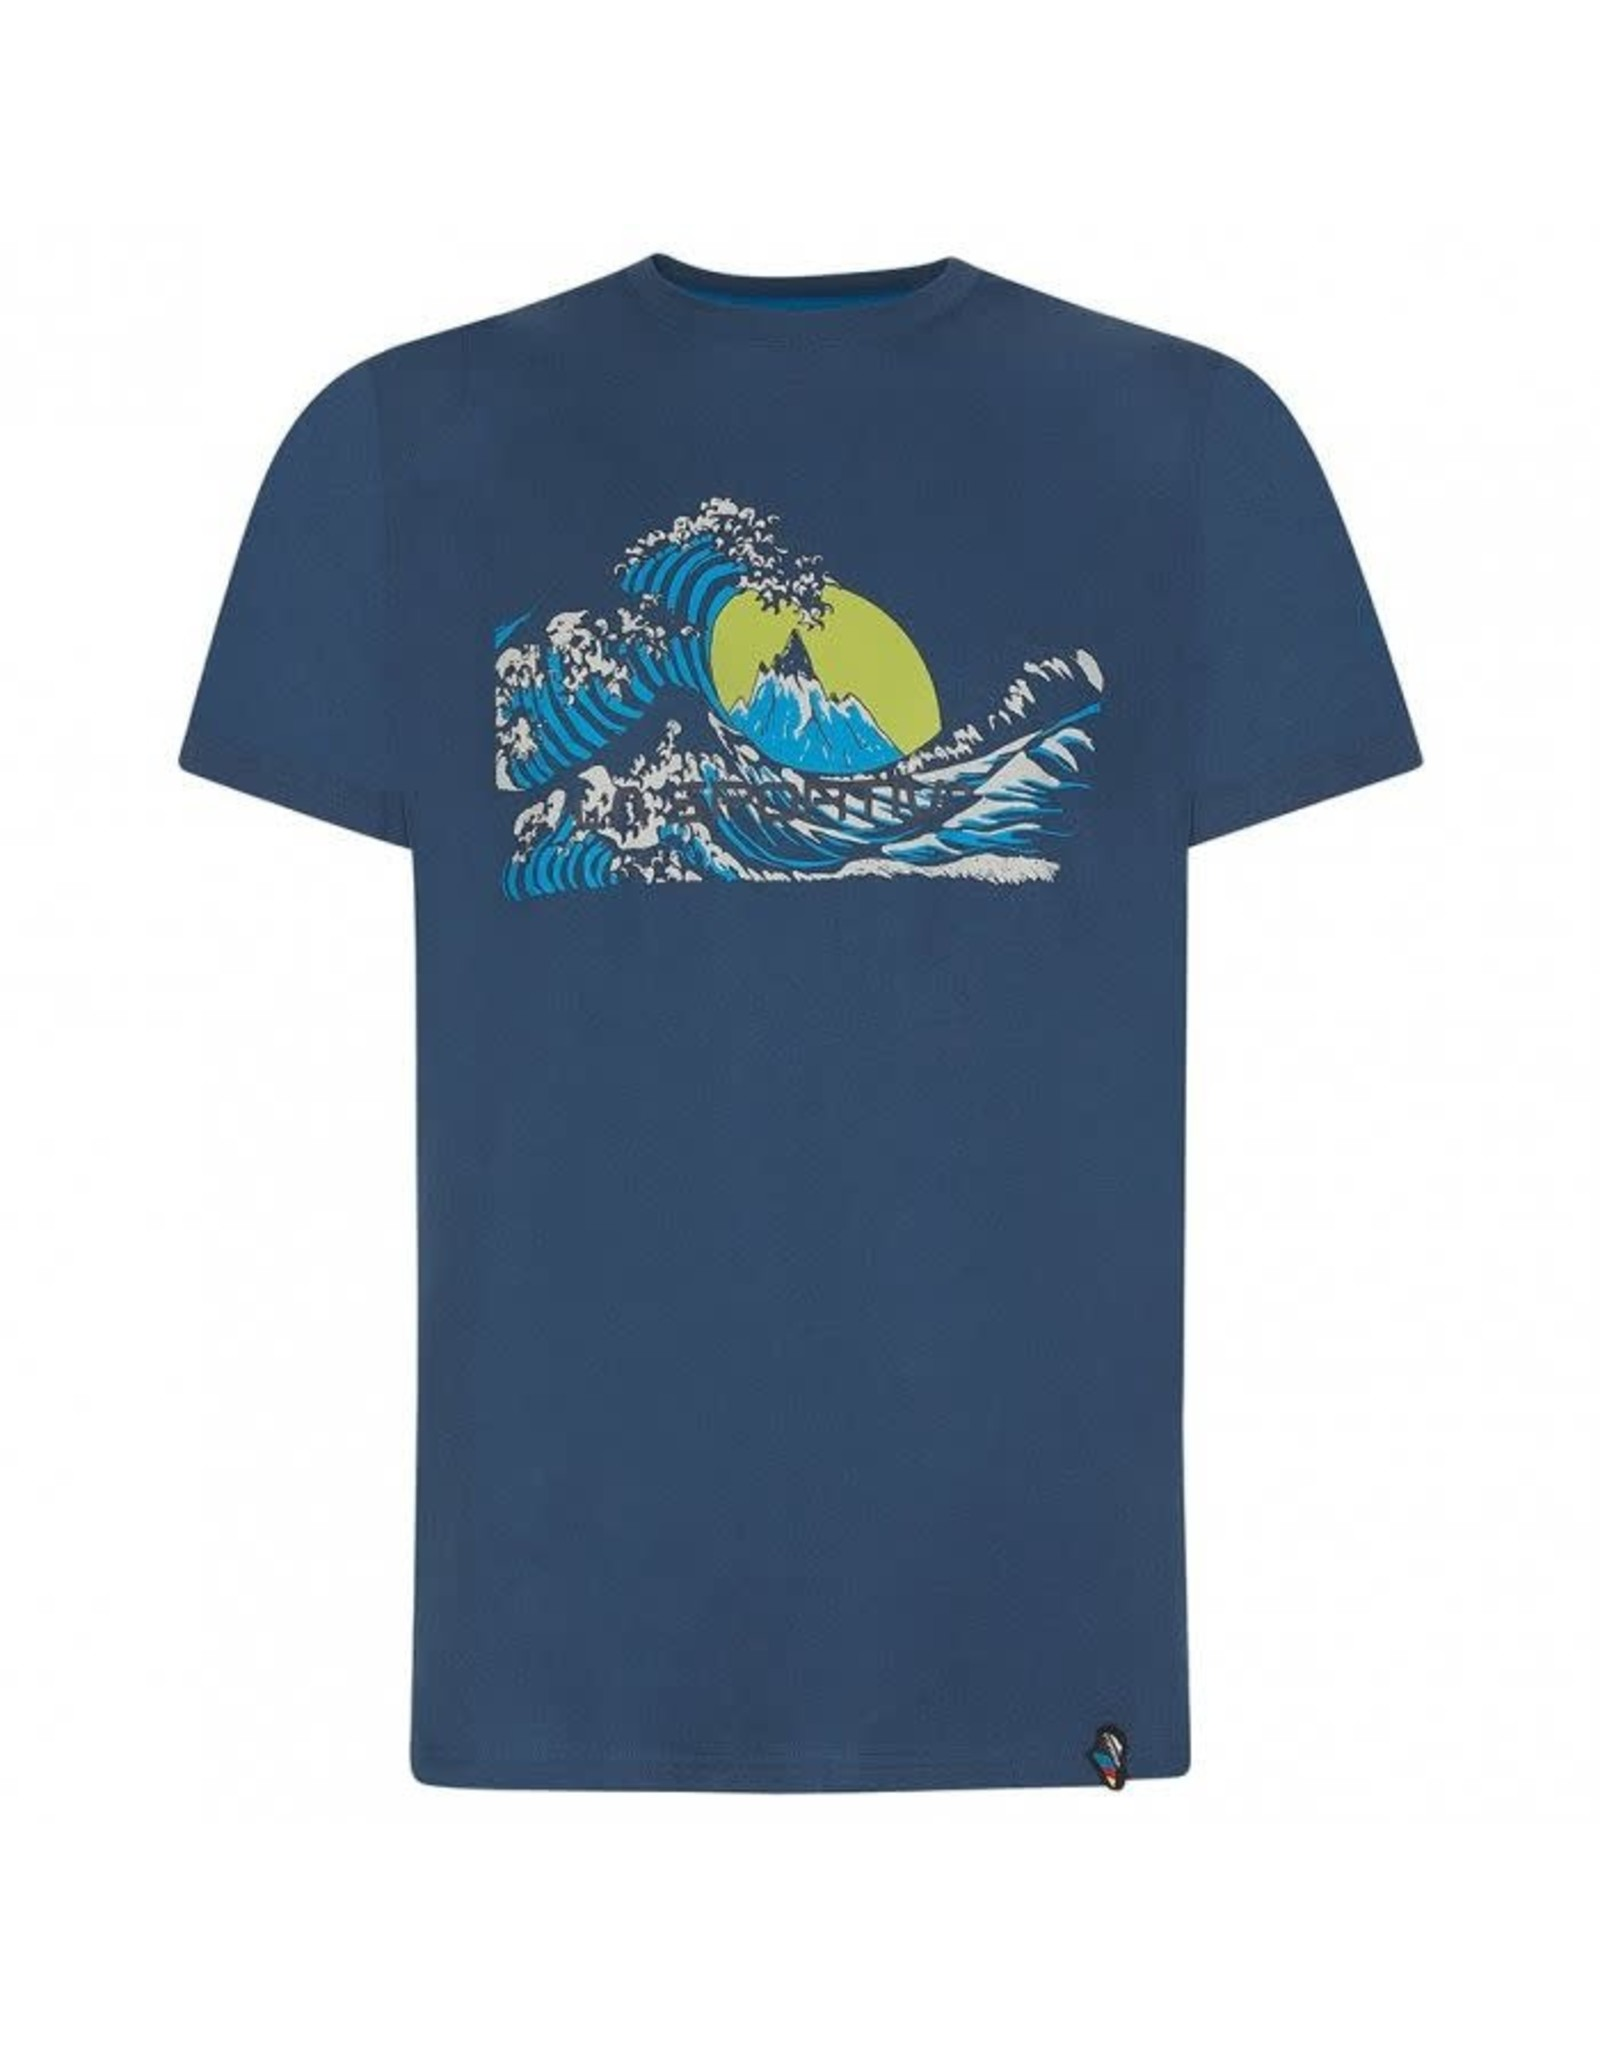 La Sportiva La Sportiva Tokyo T-Shirt - Men